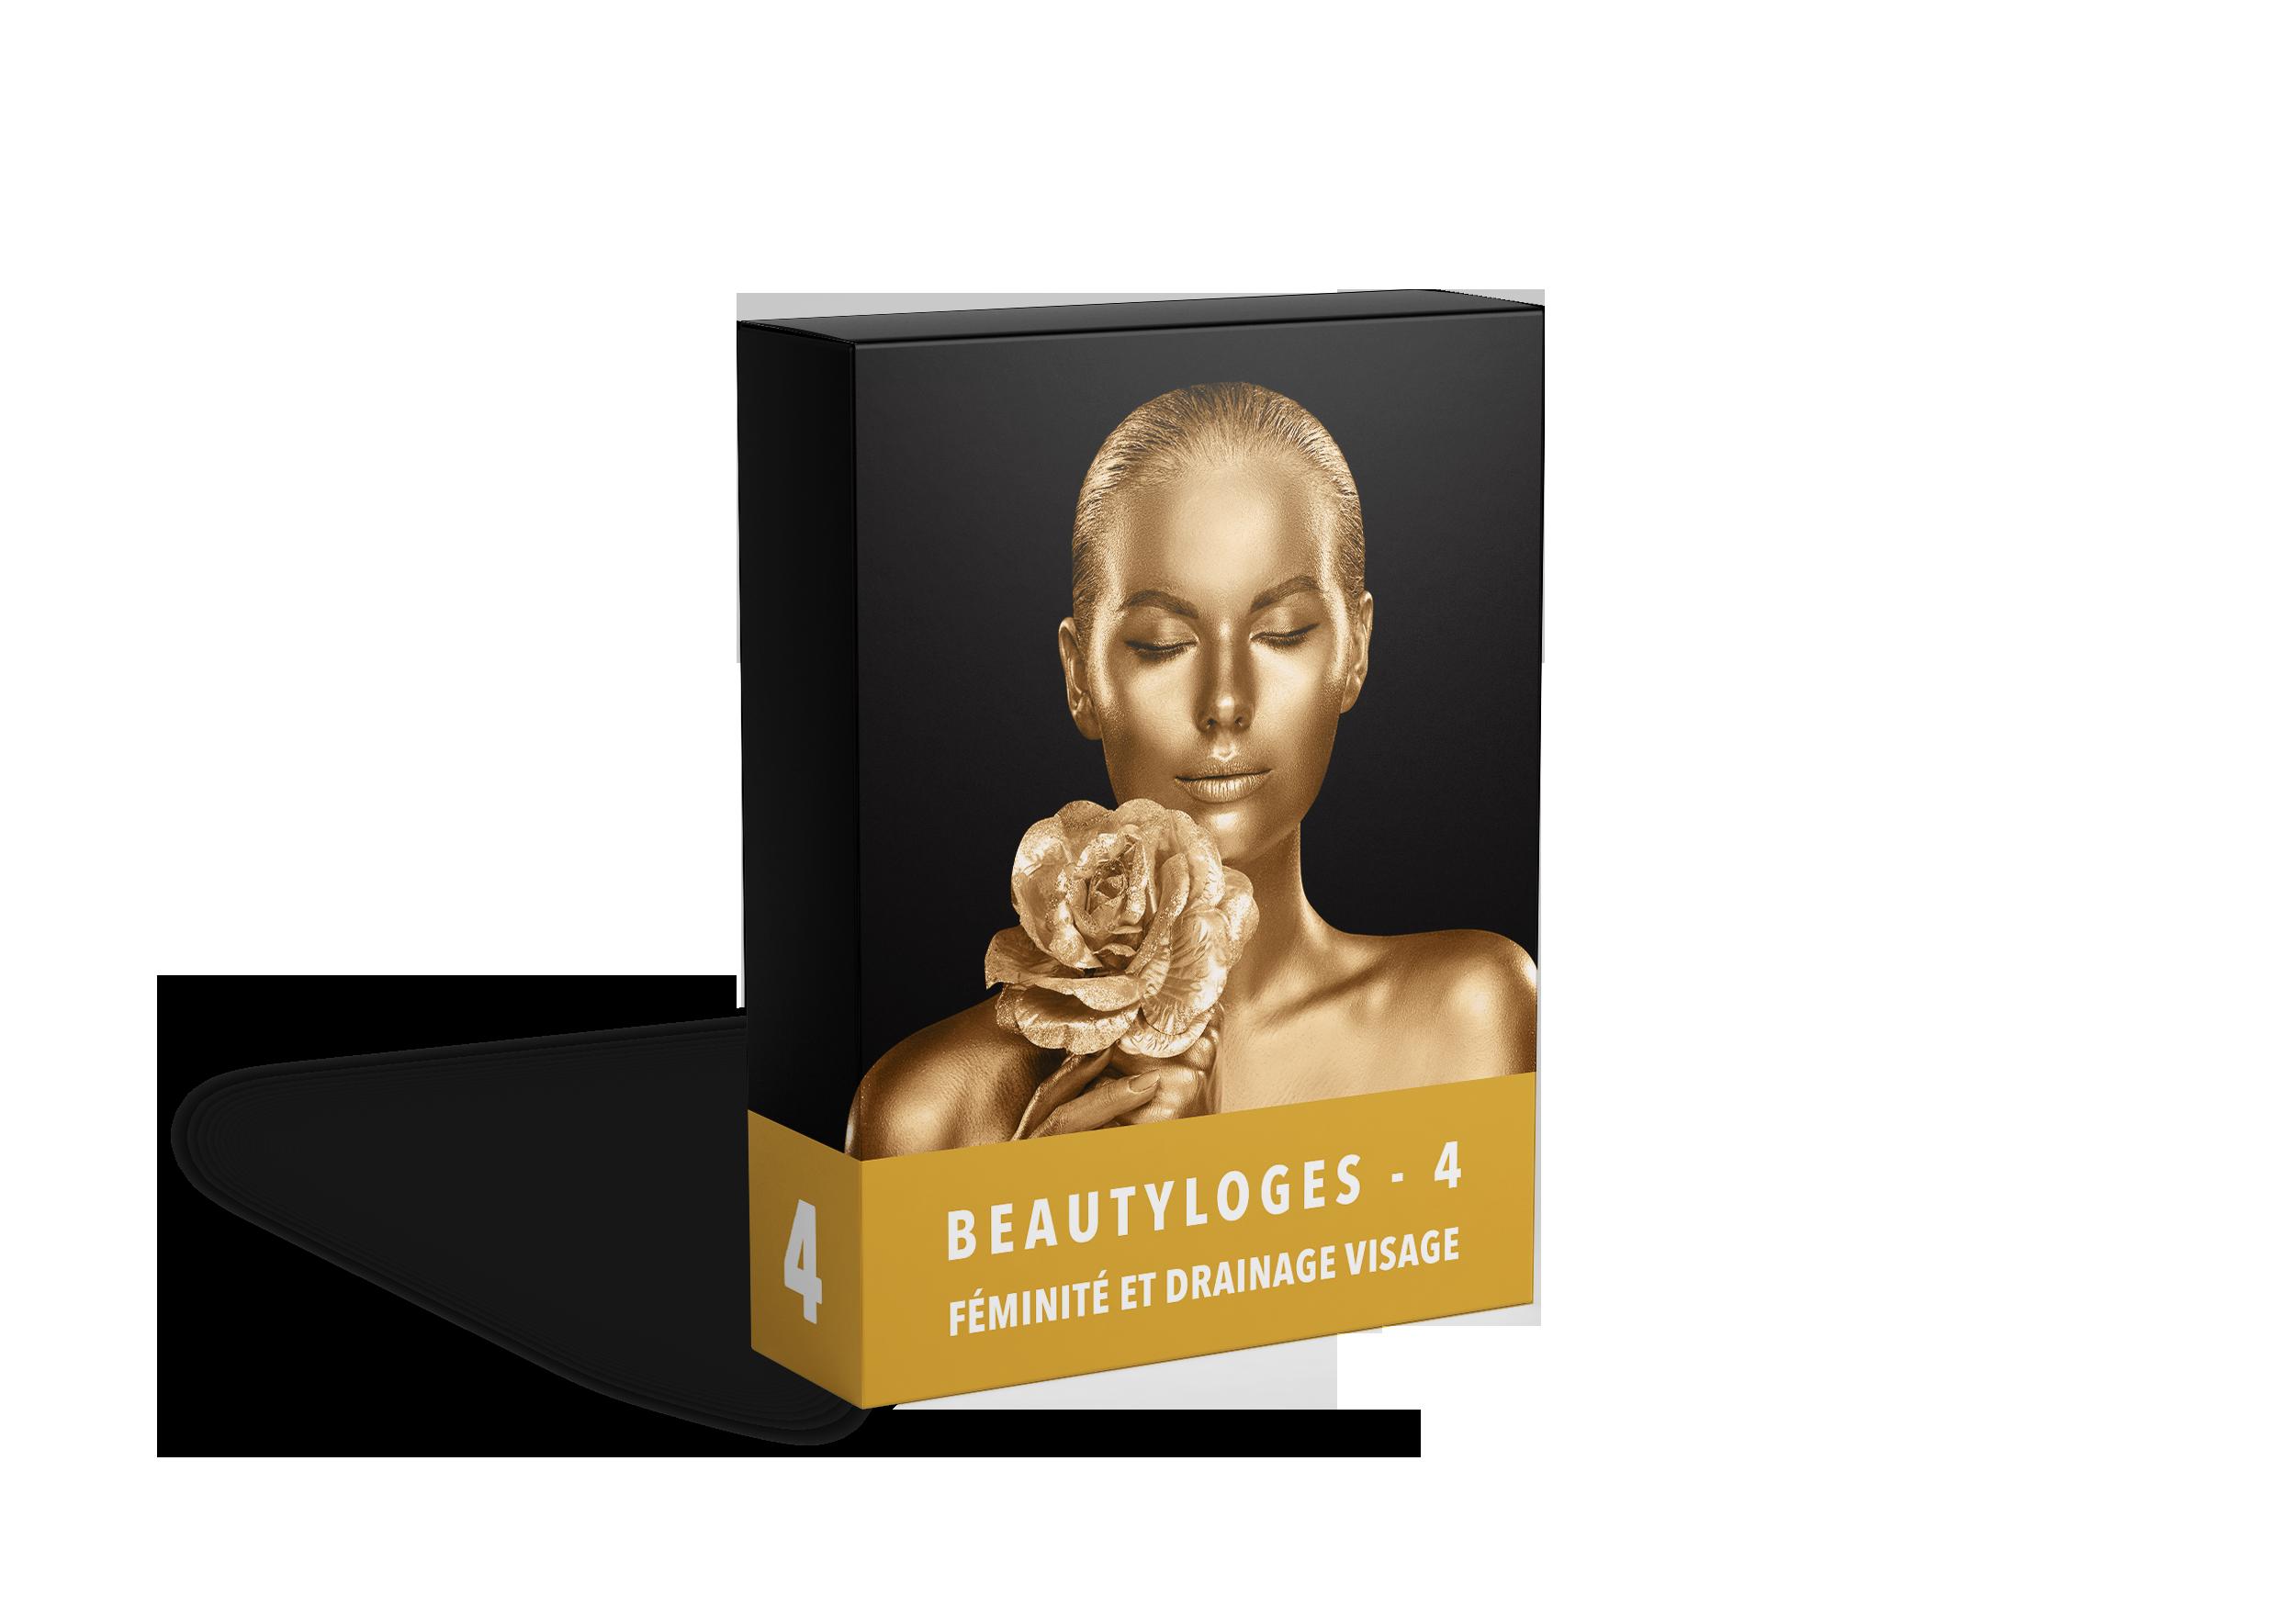 Beautyloges 4- box